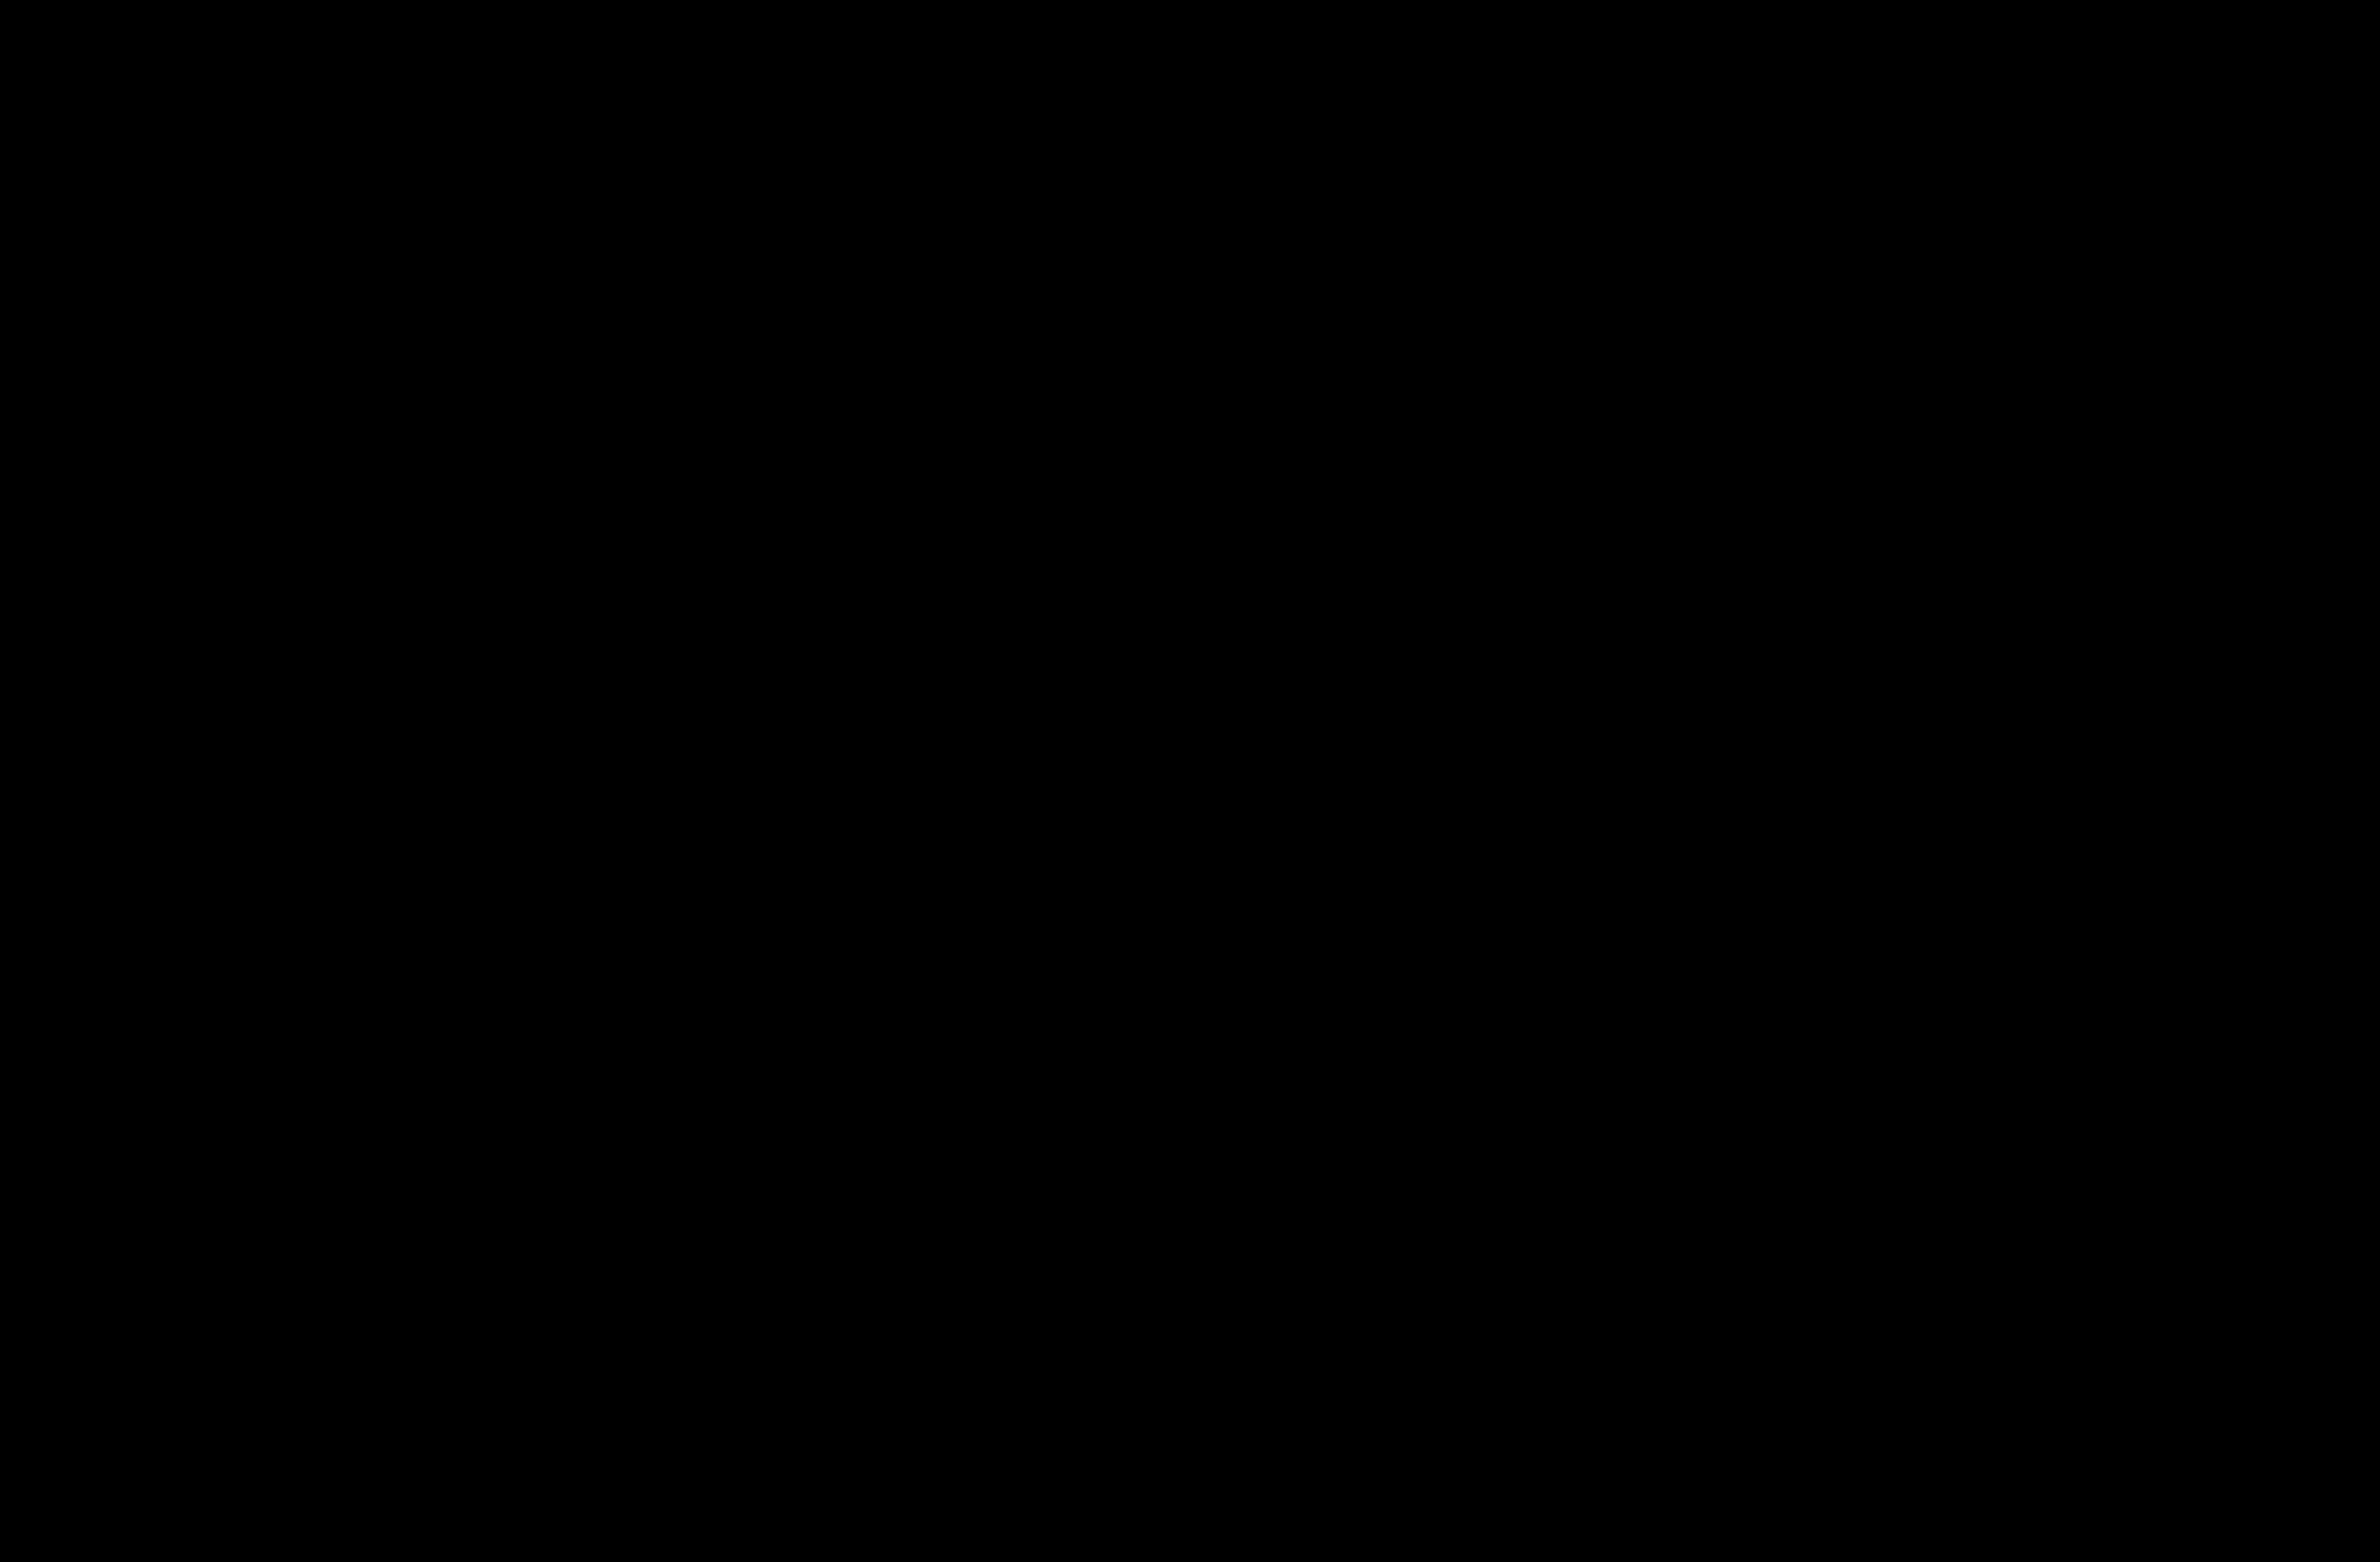 Elisha cuthbert pics nude